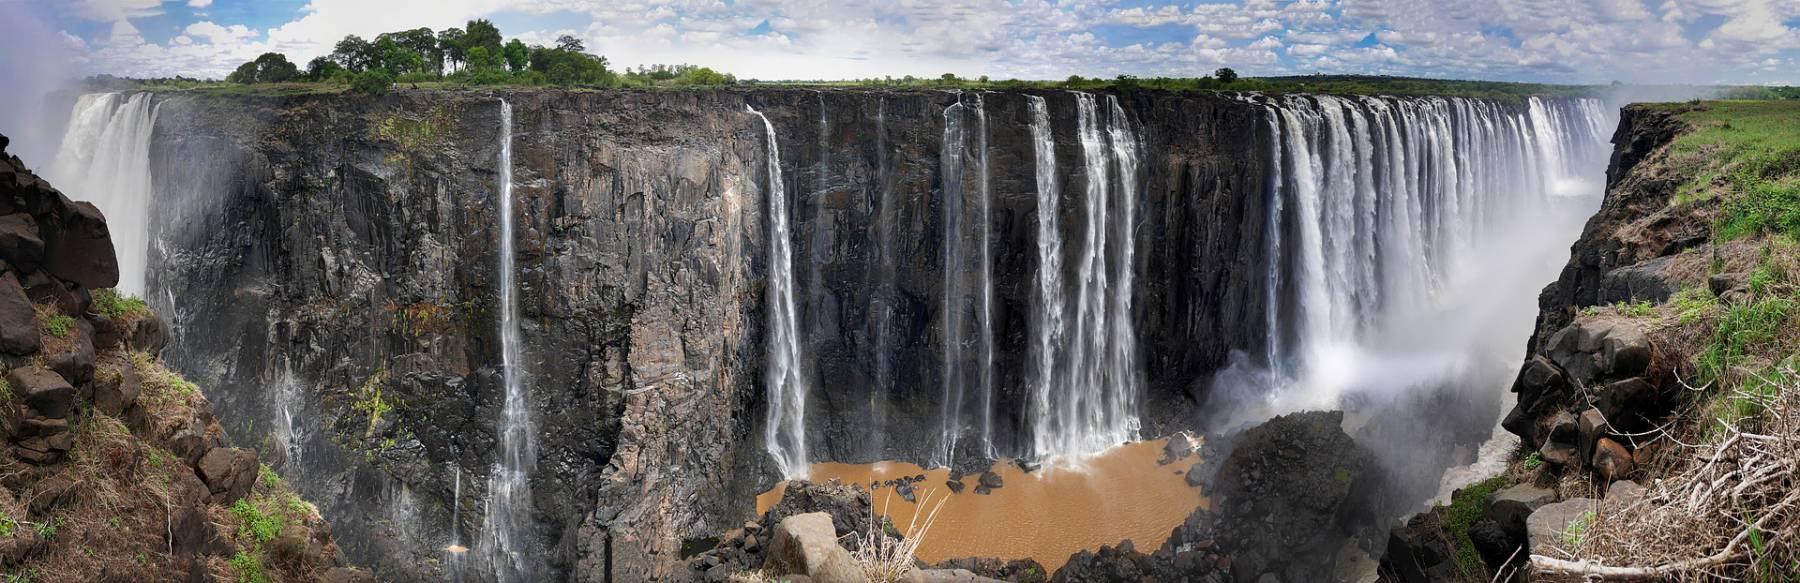 falls5